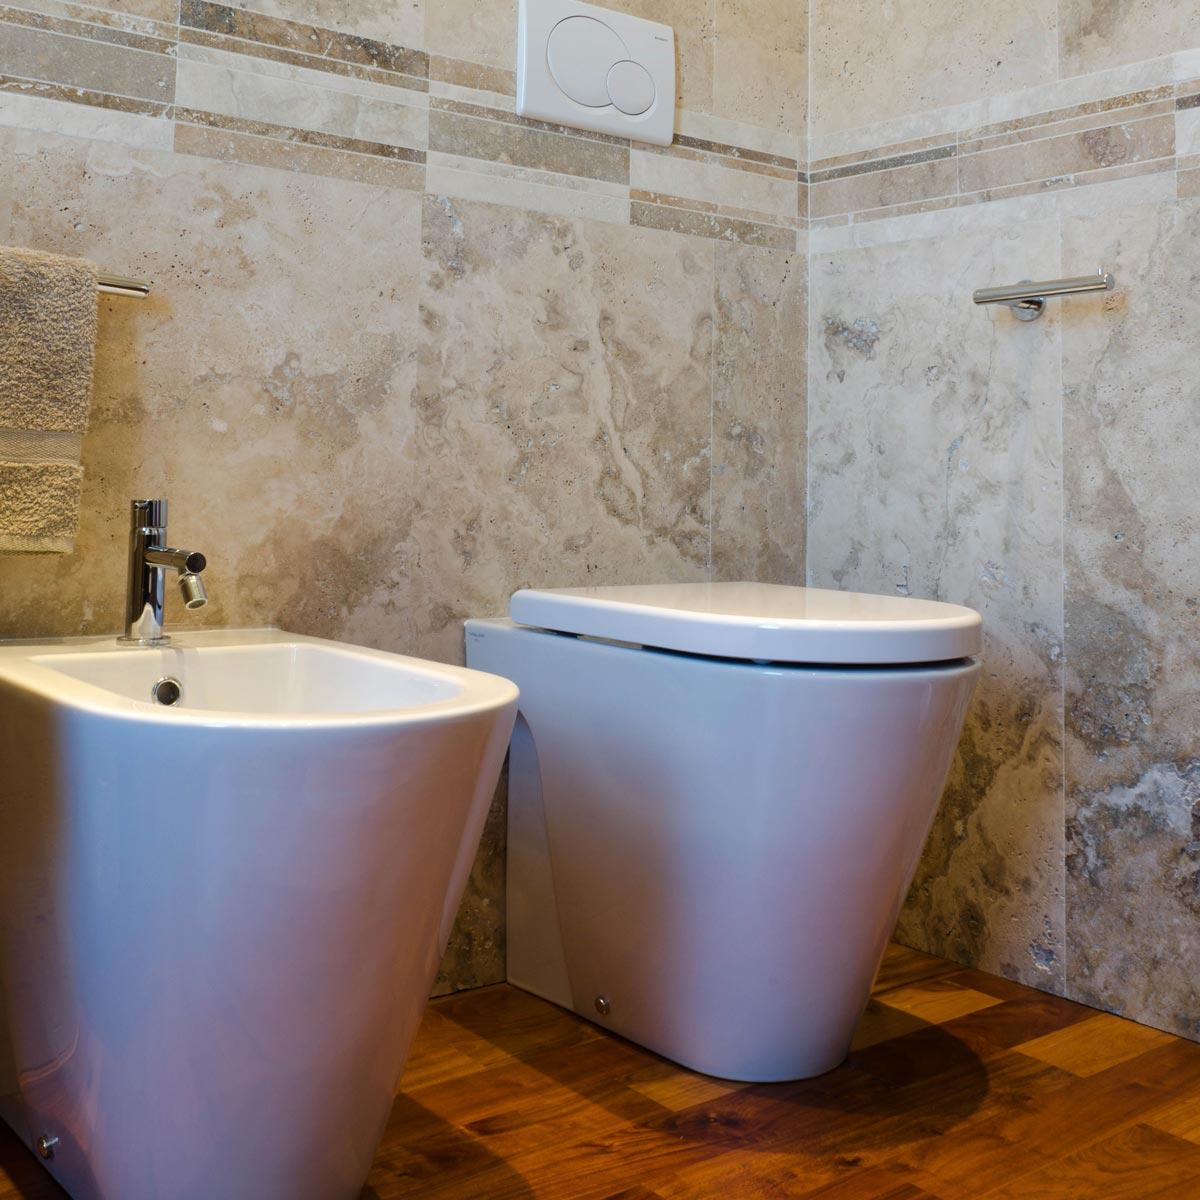 Bagno con rivestimento in travertino e pavimento in legno - Pavimento in legno per bagno ...